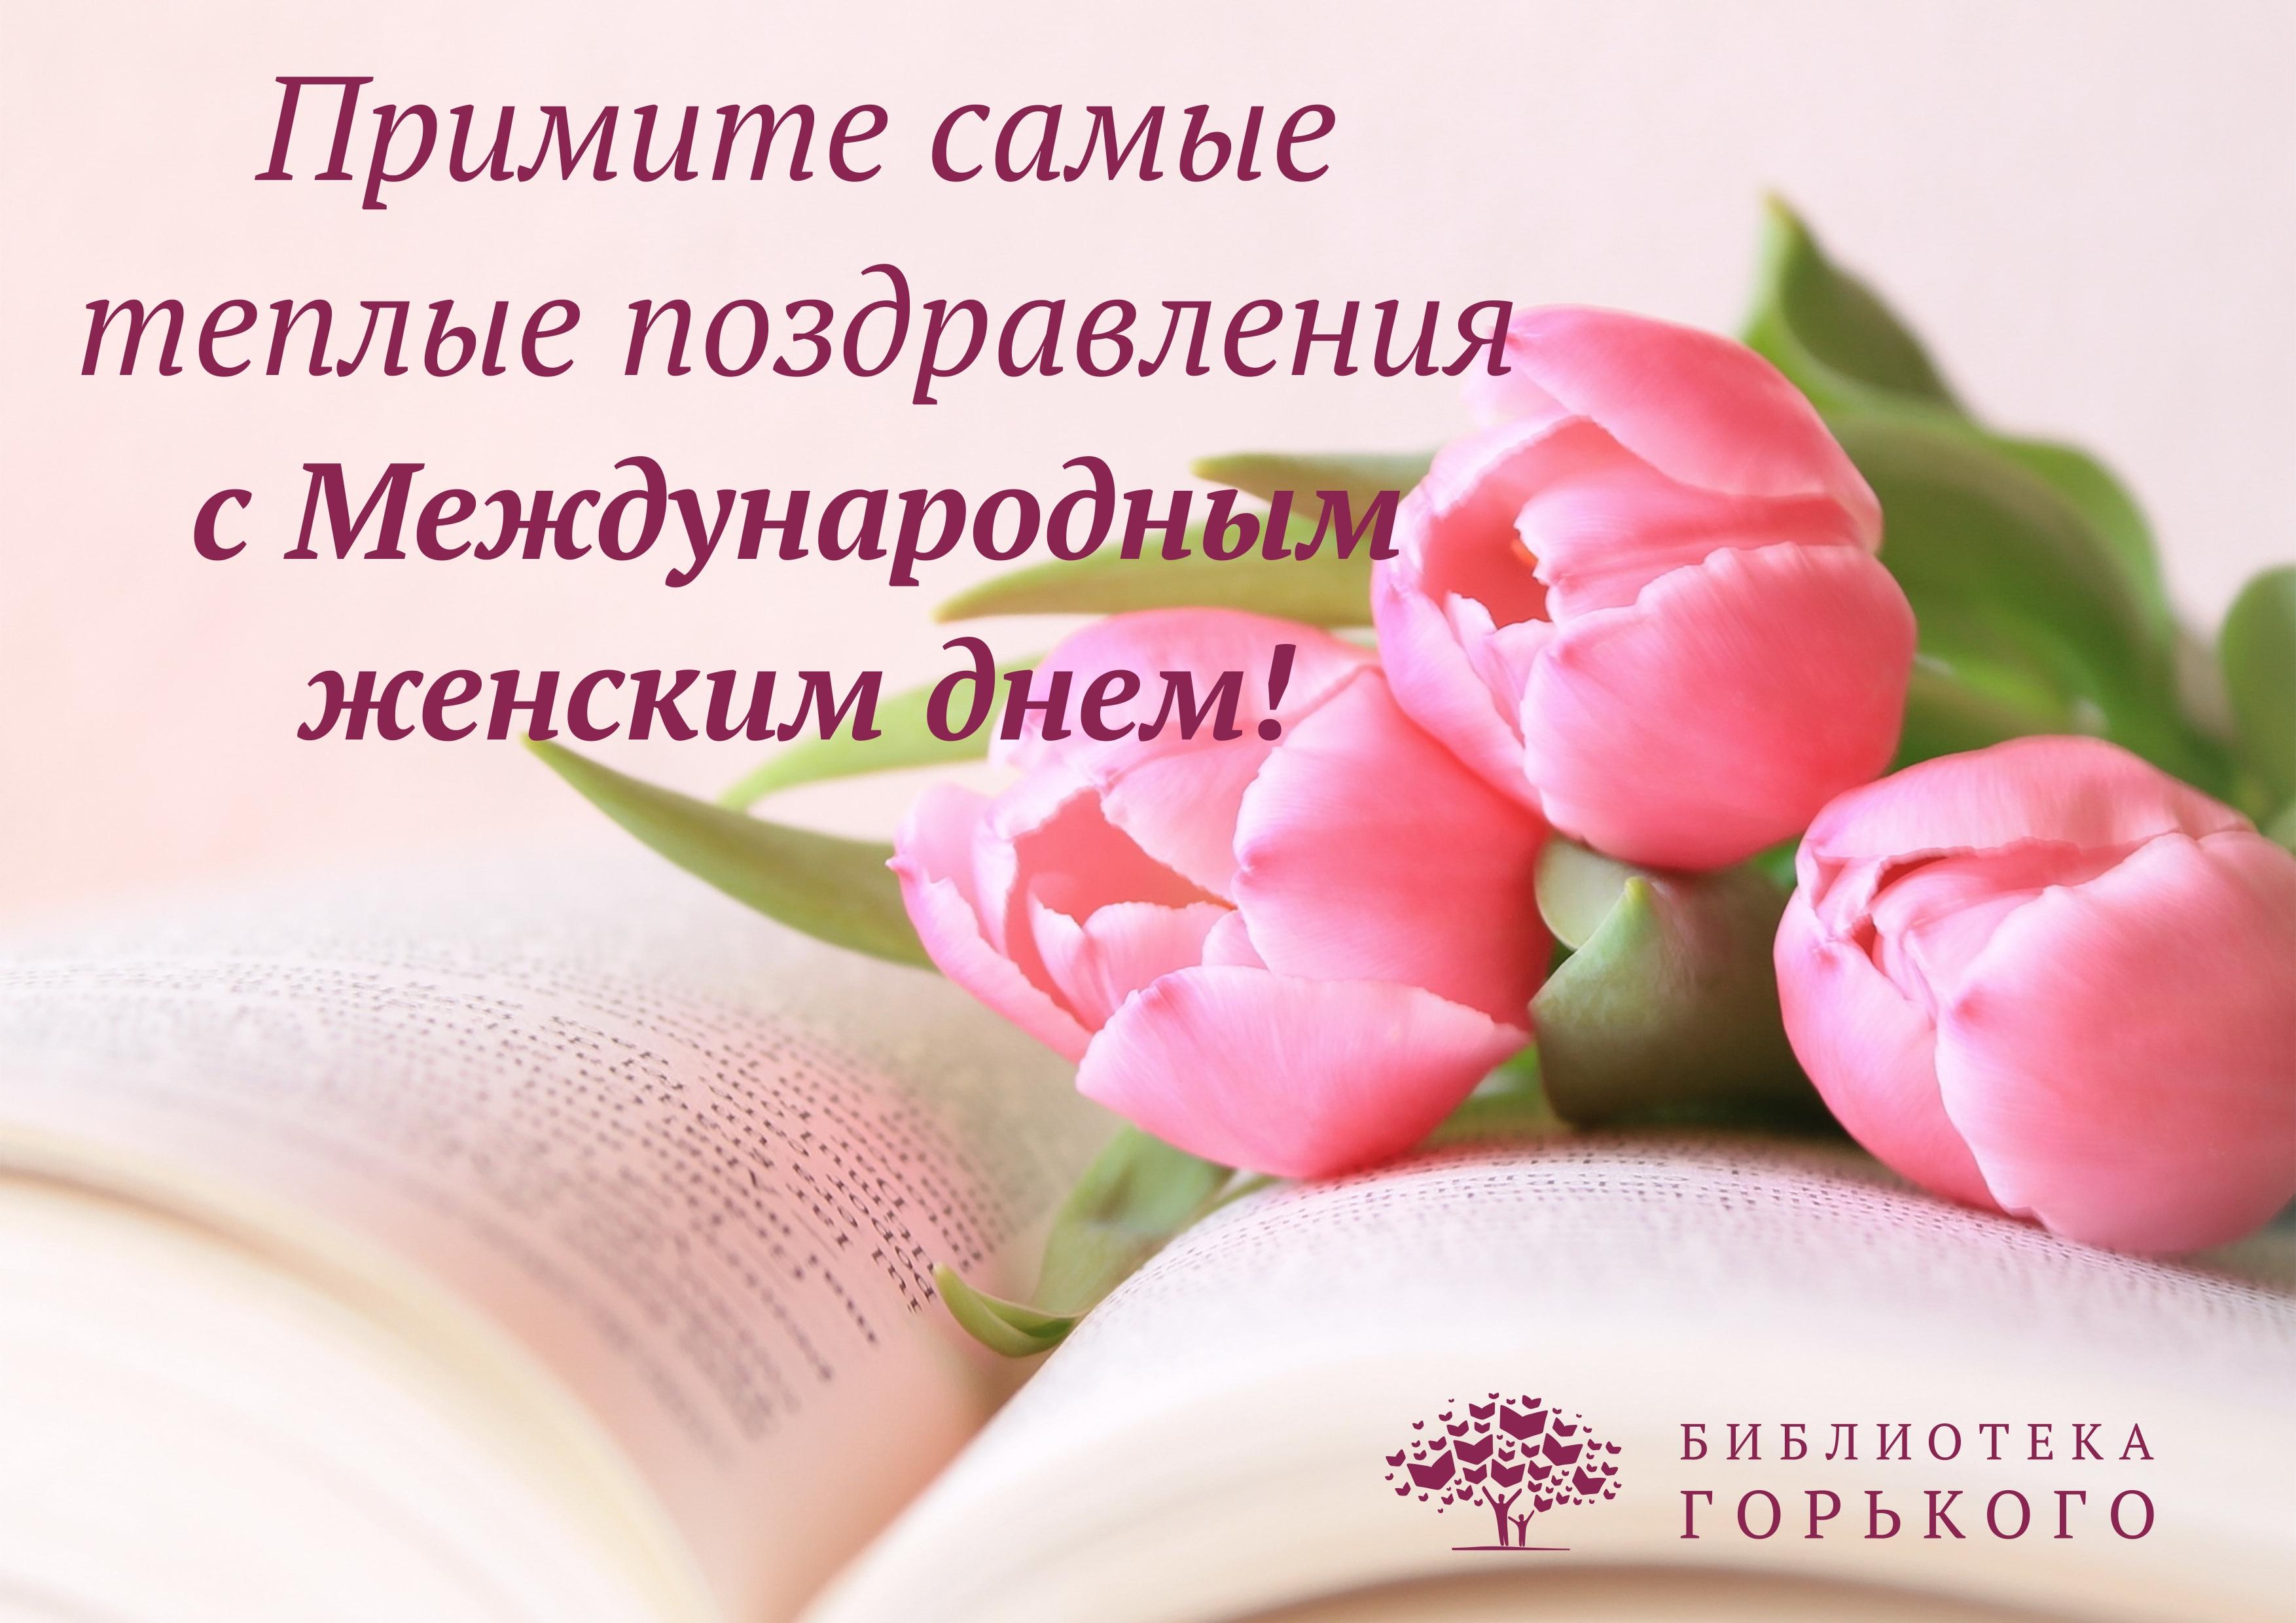 Поздравление с международным женским днем всех женщин